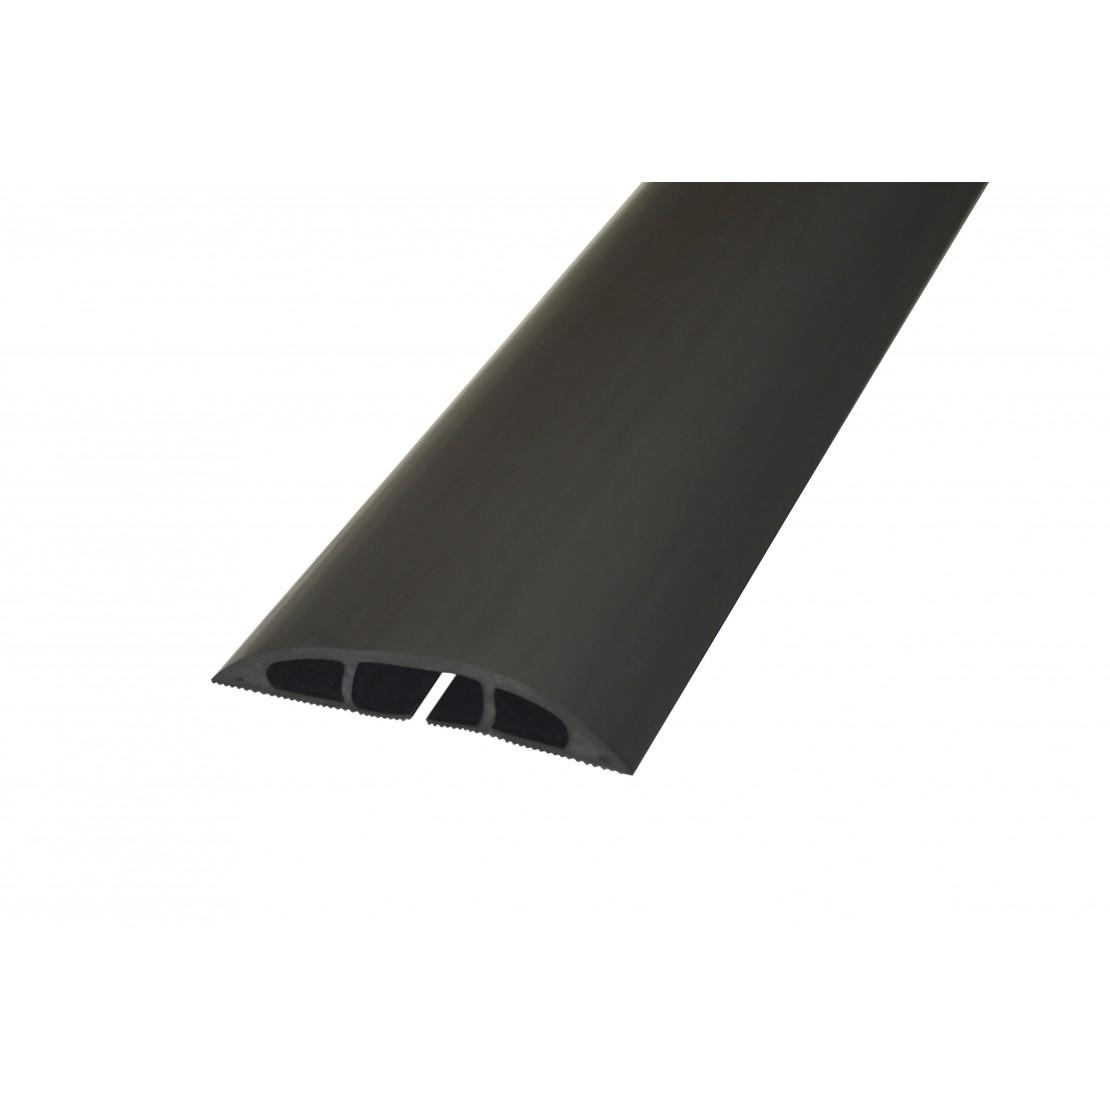 Vloer kabels werk lichtgewicht60mmx12mmx1.8m lengte